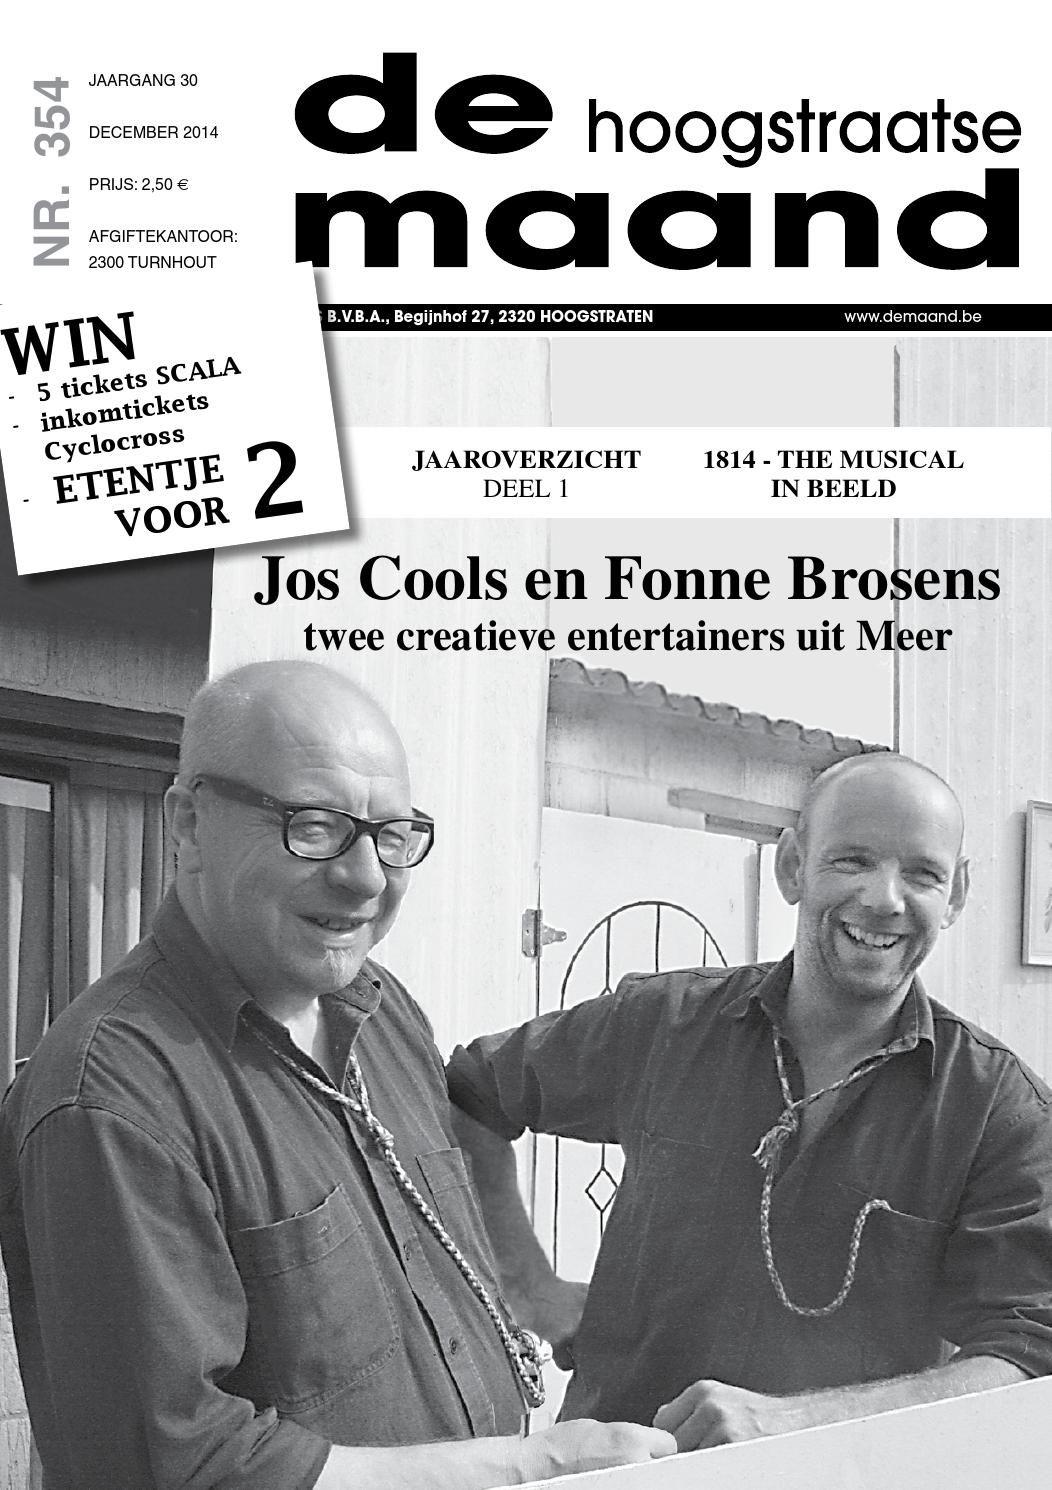 December 2014 - De Hoogstraatse Maand - http://www.demaand.be